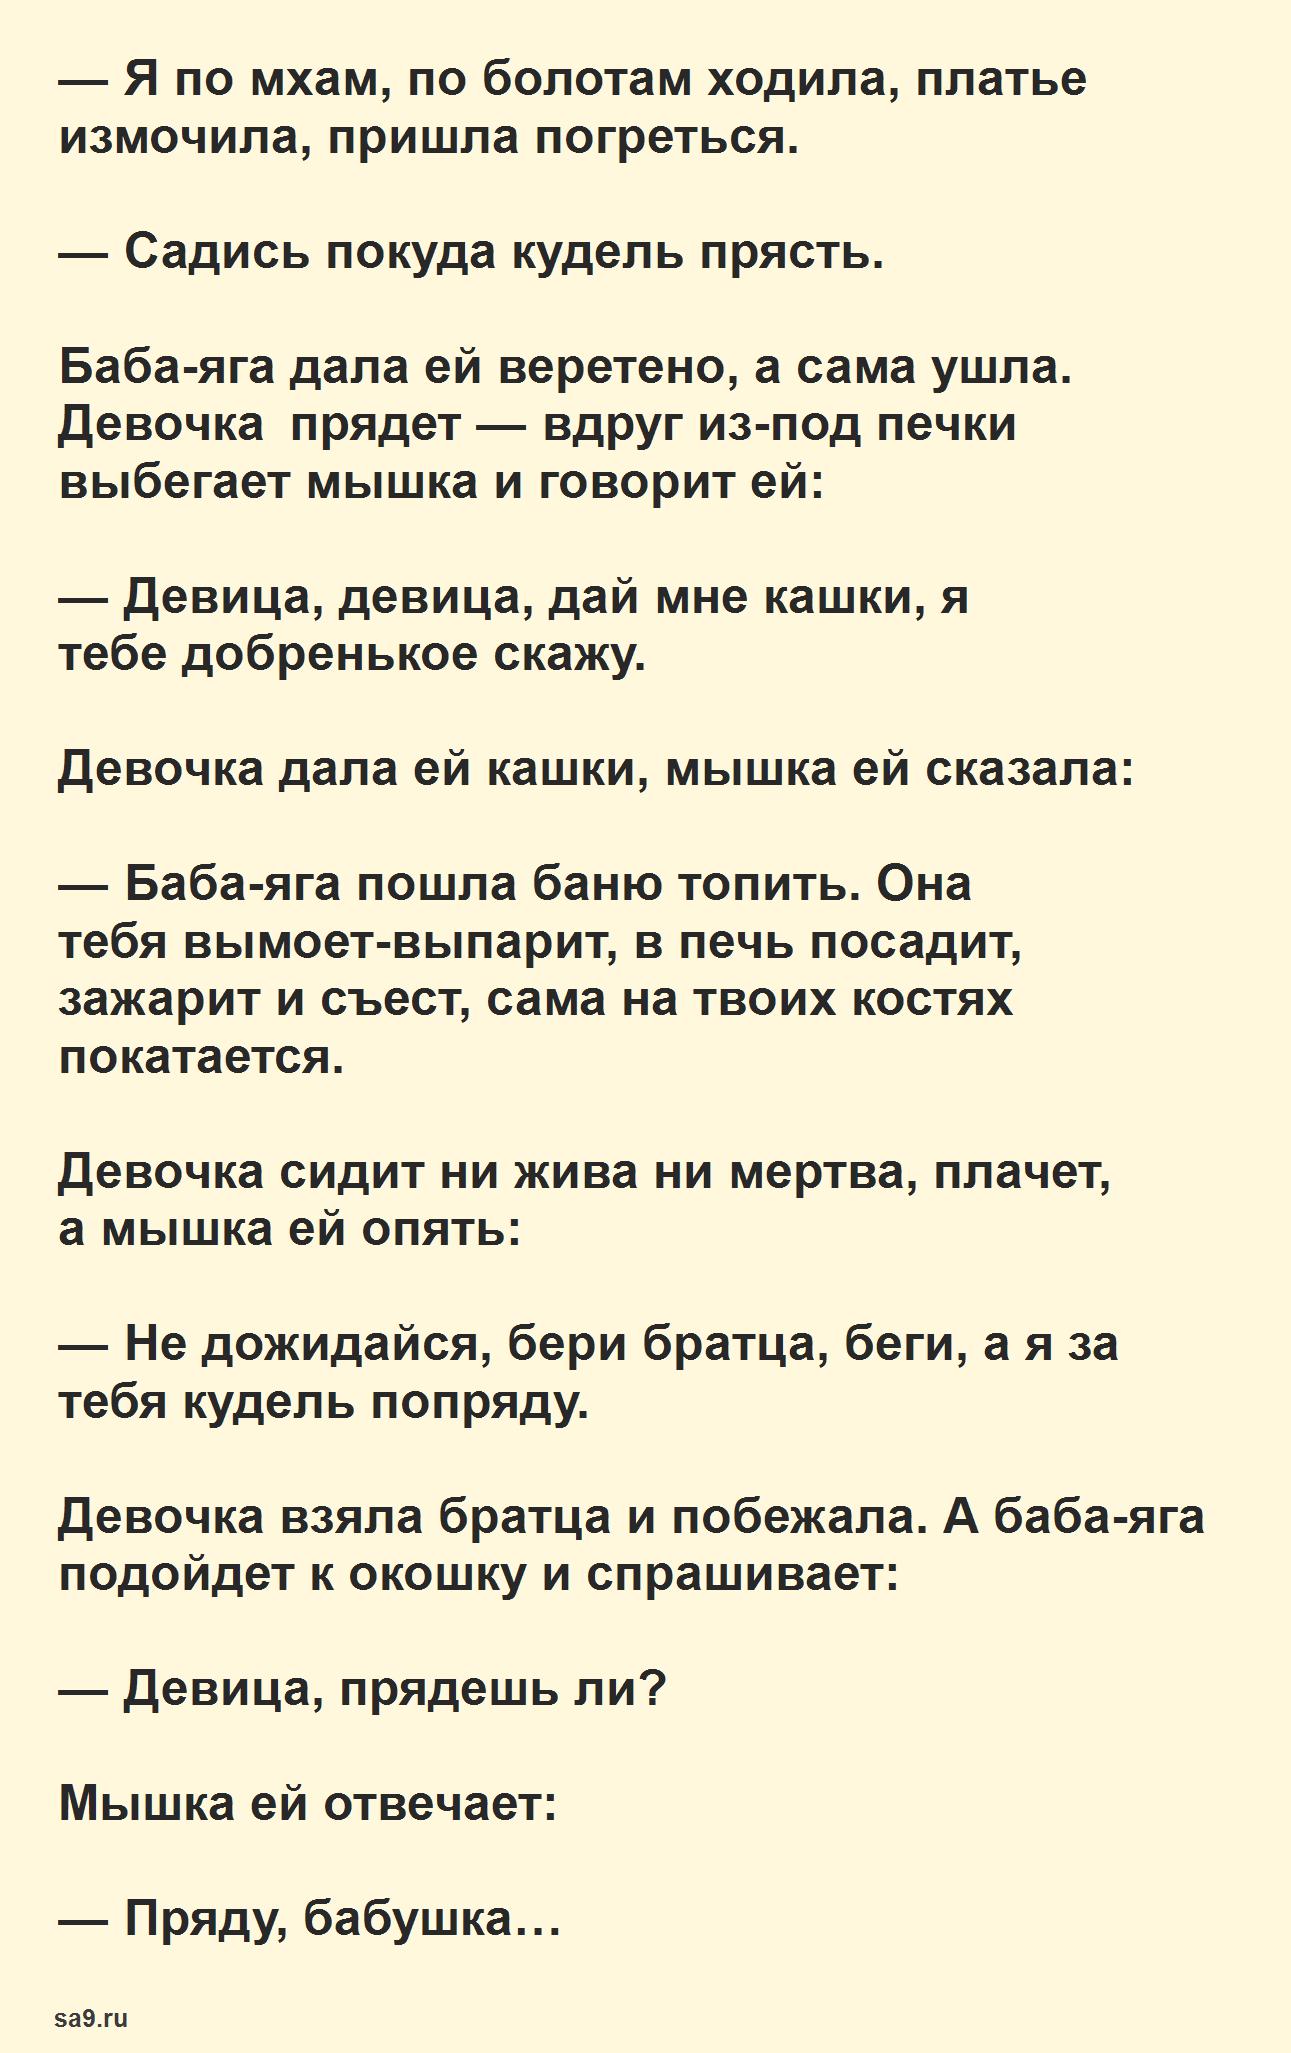 Читать русскую народную сказку Гуси-лебеди для детей